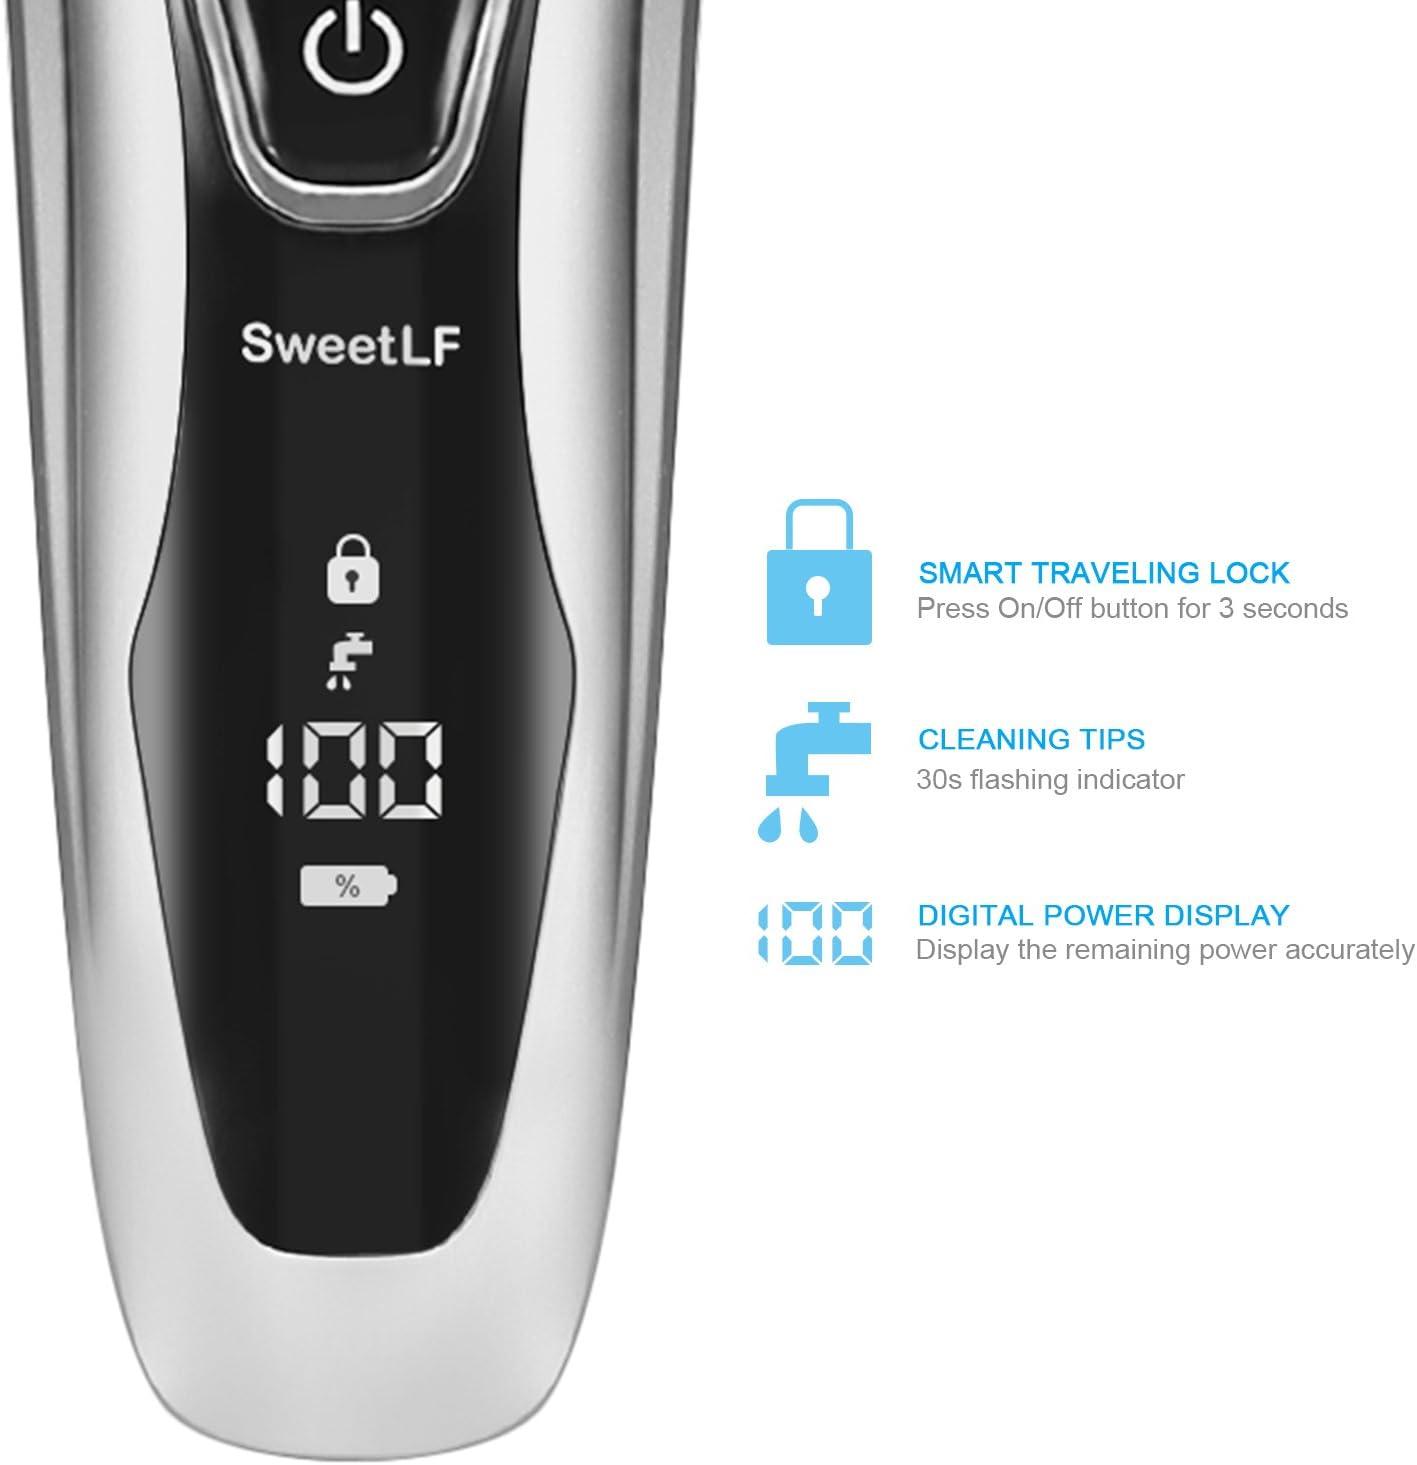 Afeitadora Electrica Hombre Máquina de Afeitar Inteligente con Display Digital, Uso en Húmedo y Seco: Amazon.es: Salud y cuidado personal